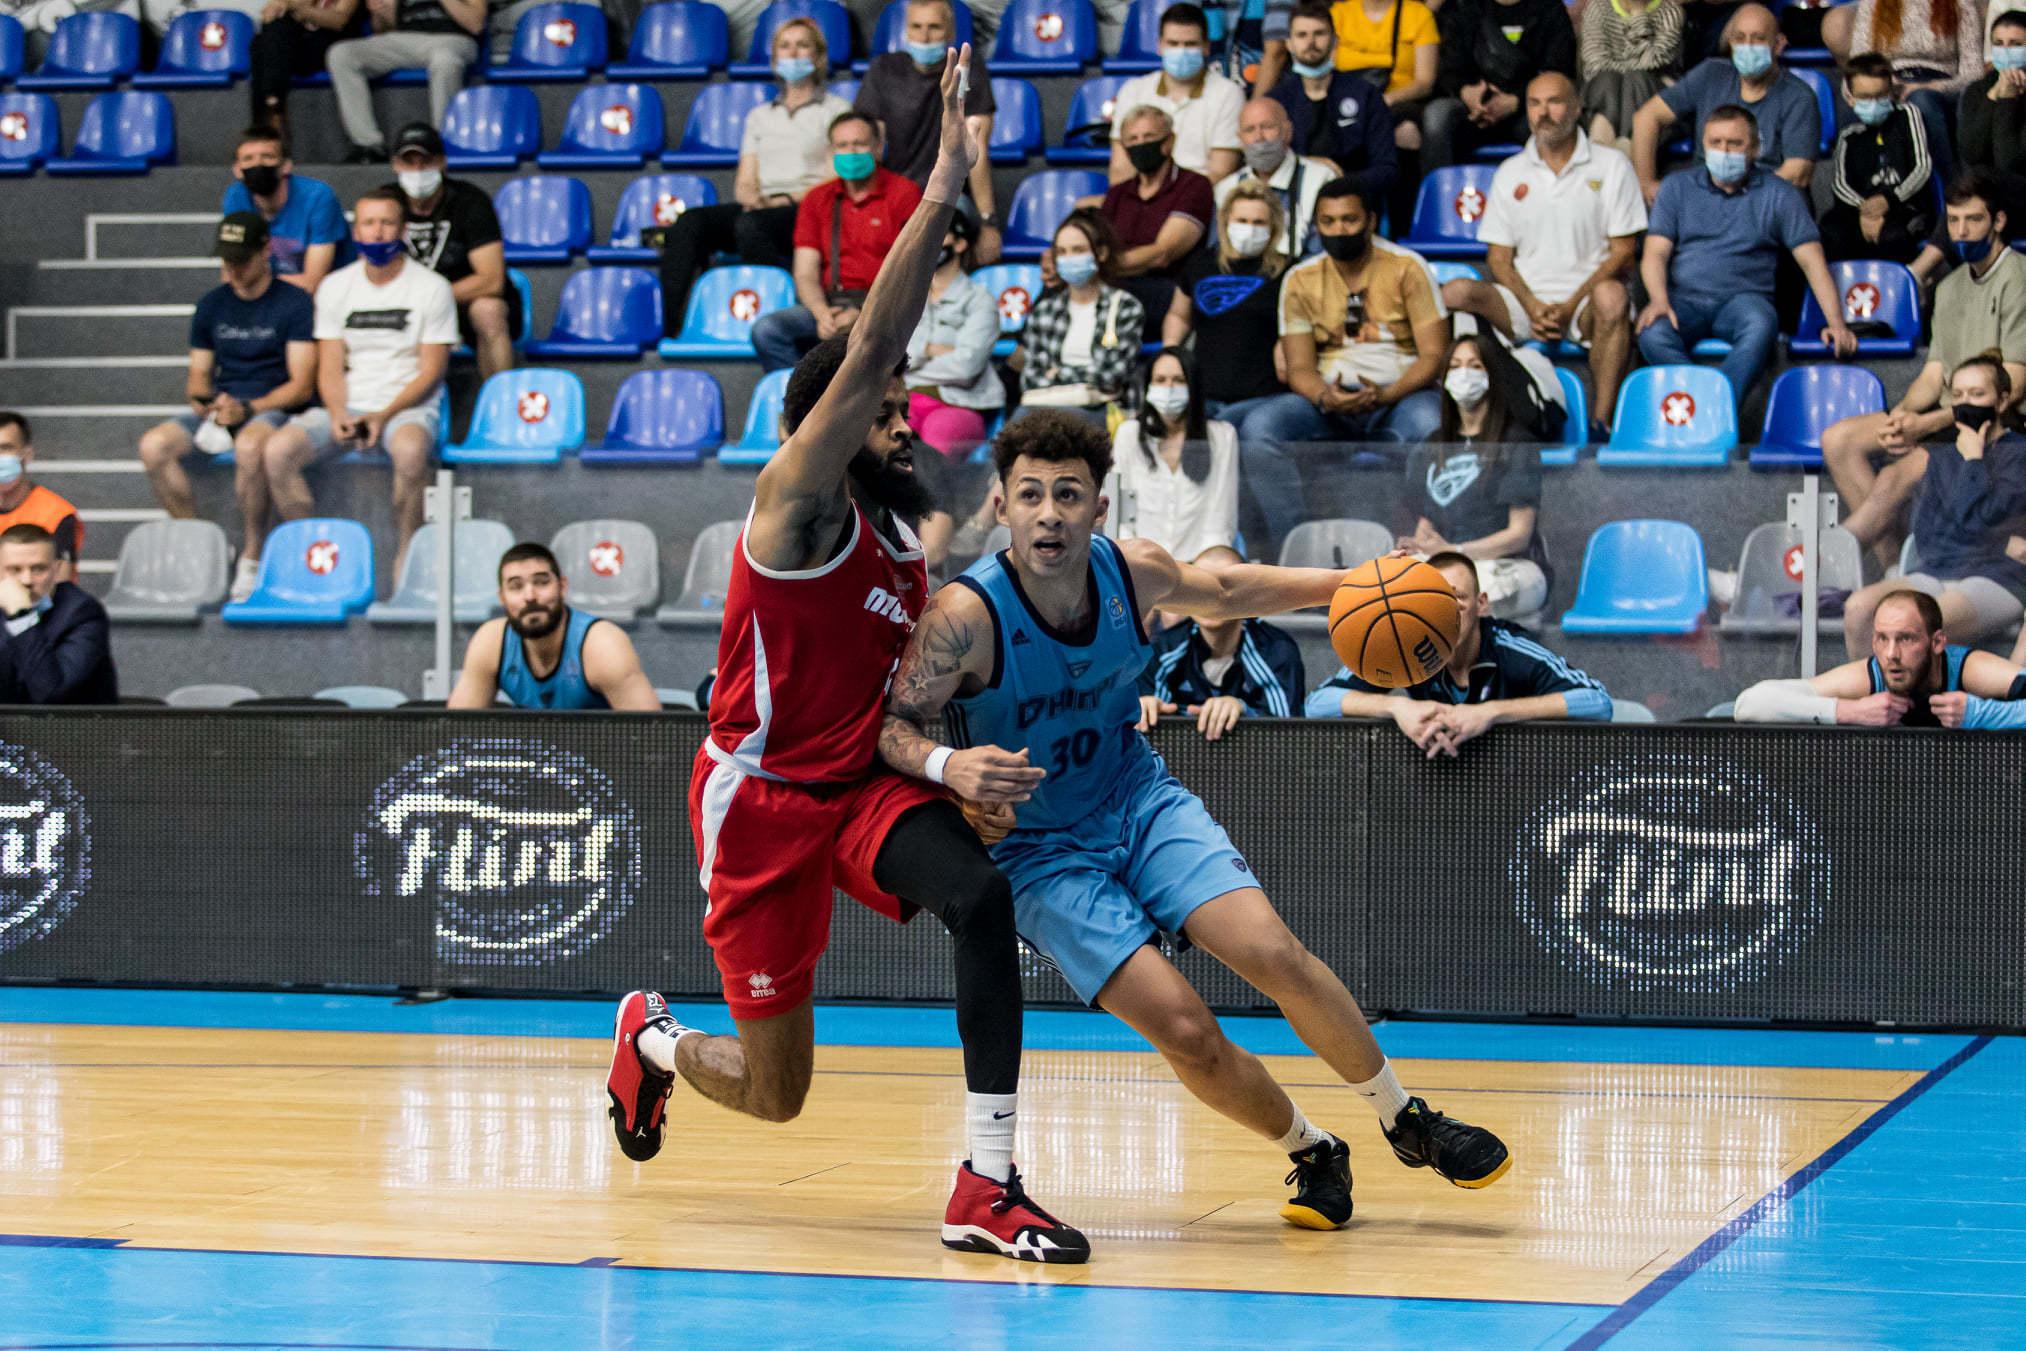 Іссуф Санон увійшов до складу Вашингтон Візардс на матчі Літньої ліги НБА